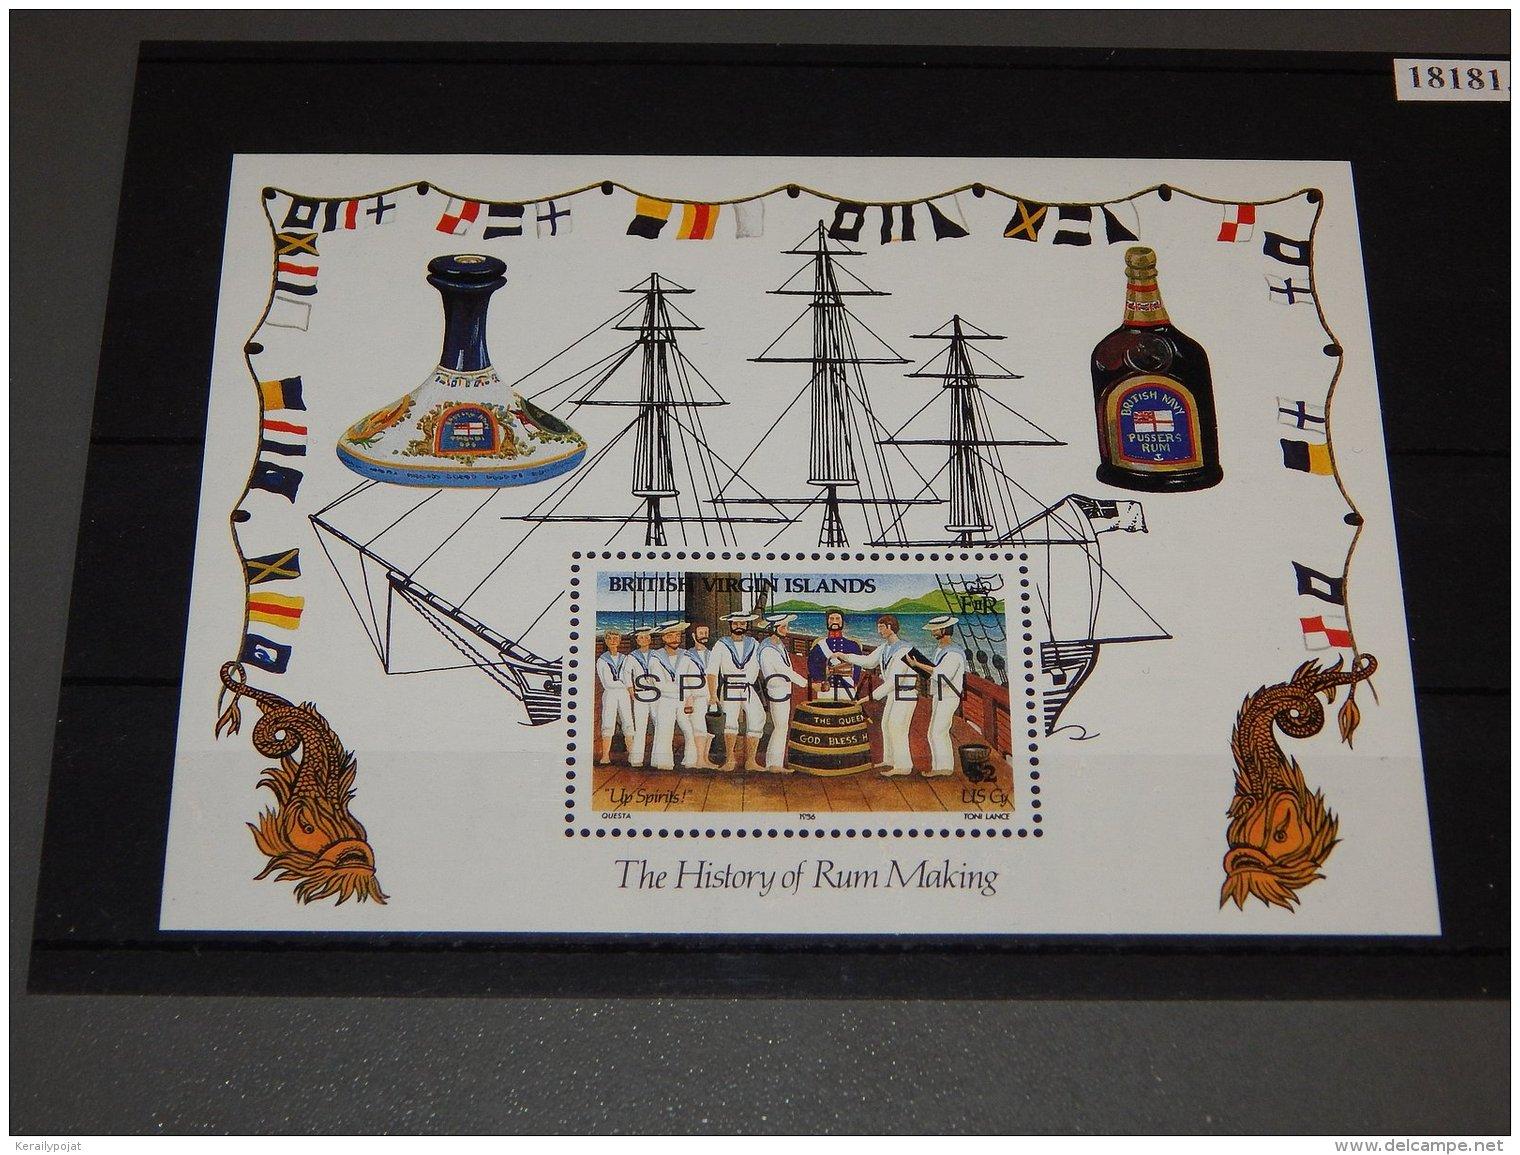 British Virgin Islands - 1986 Rum Production Specimen Block MNH__(TH-18181) - British Virgin Islands